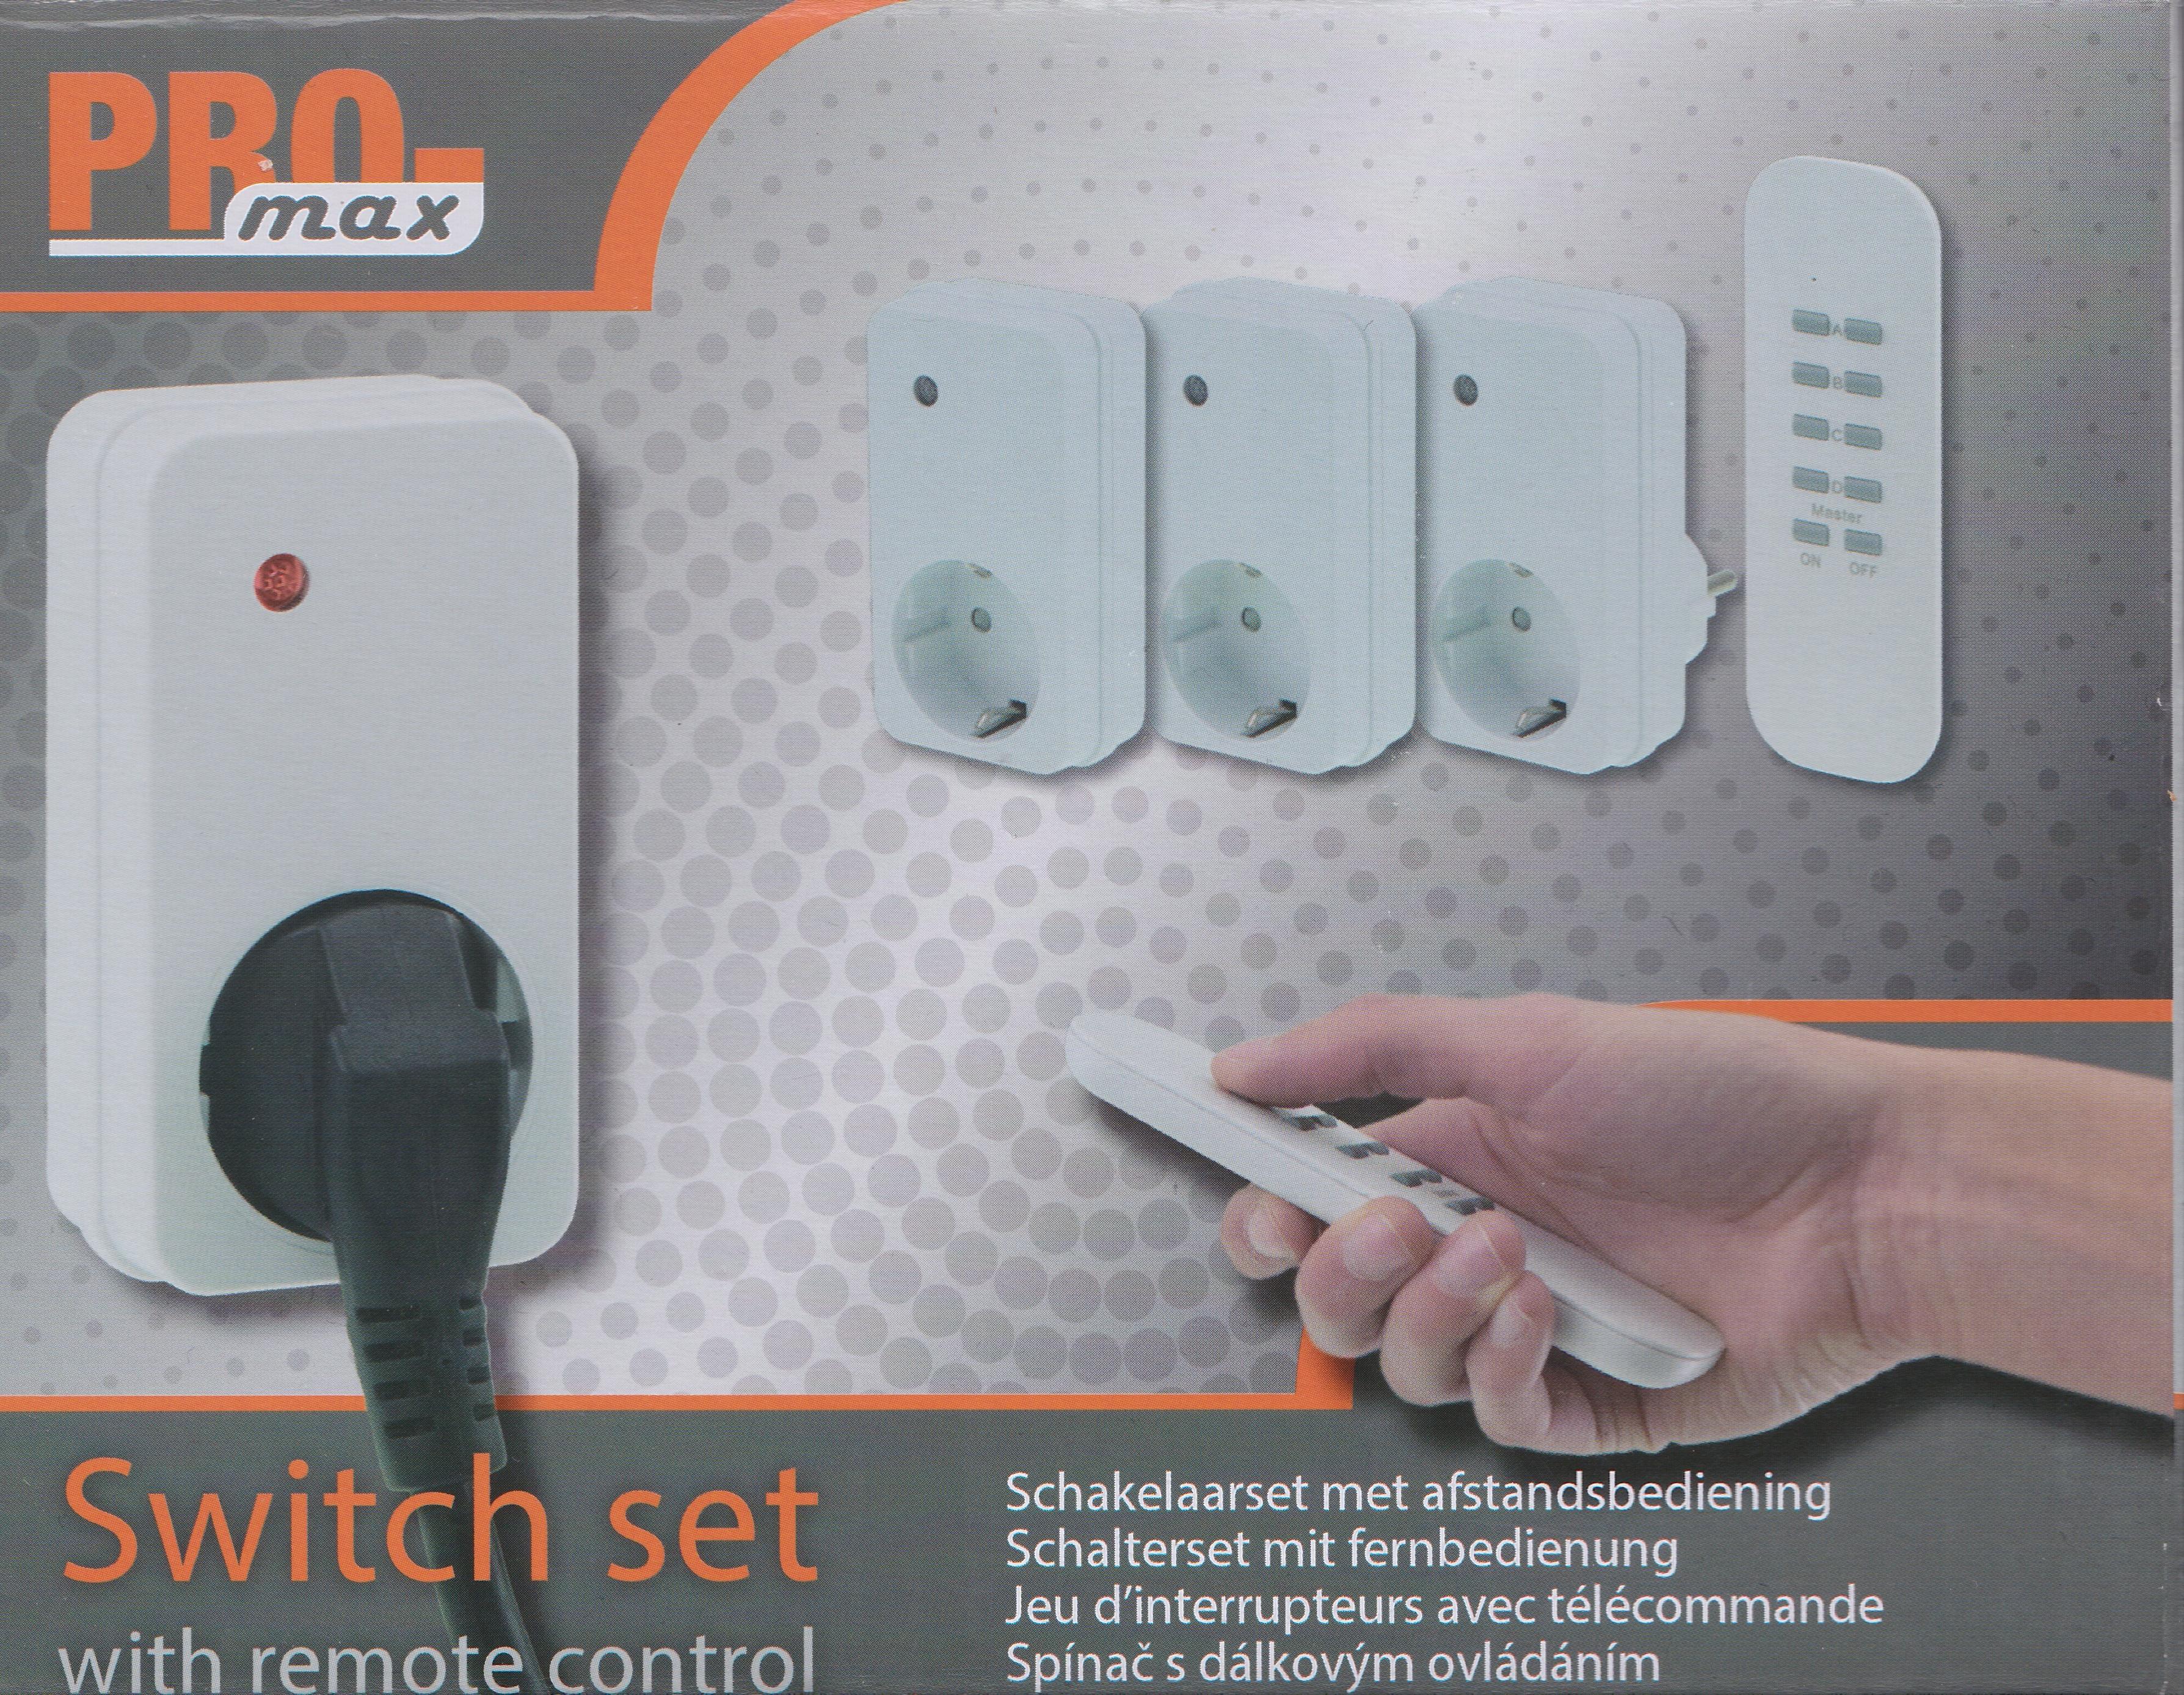 Afstandsbediening Lampen Action : Smart switch schakelset action gebruiken in domoticz promax of